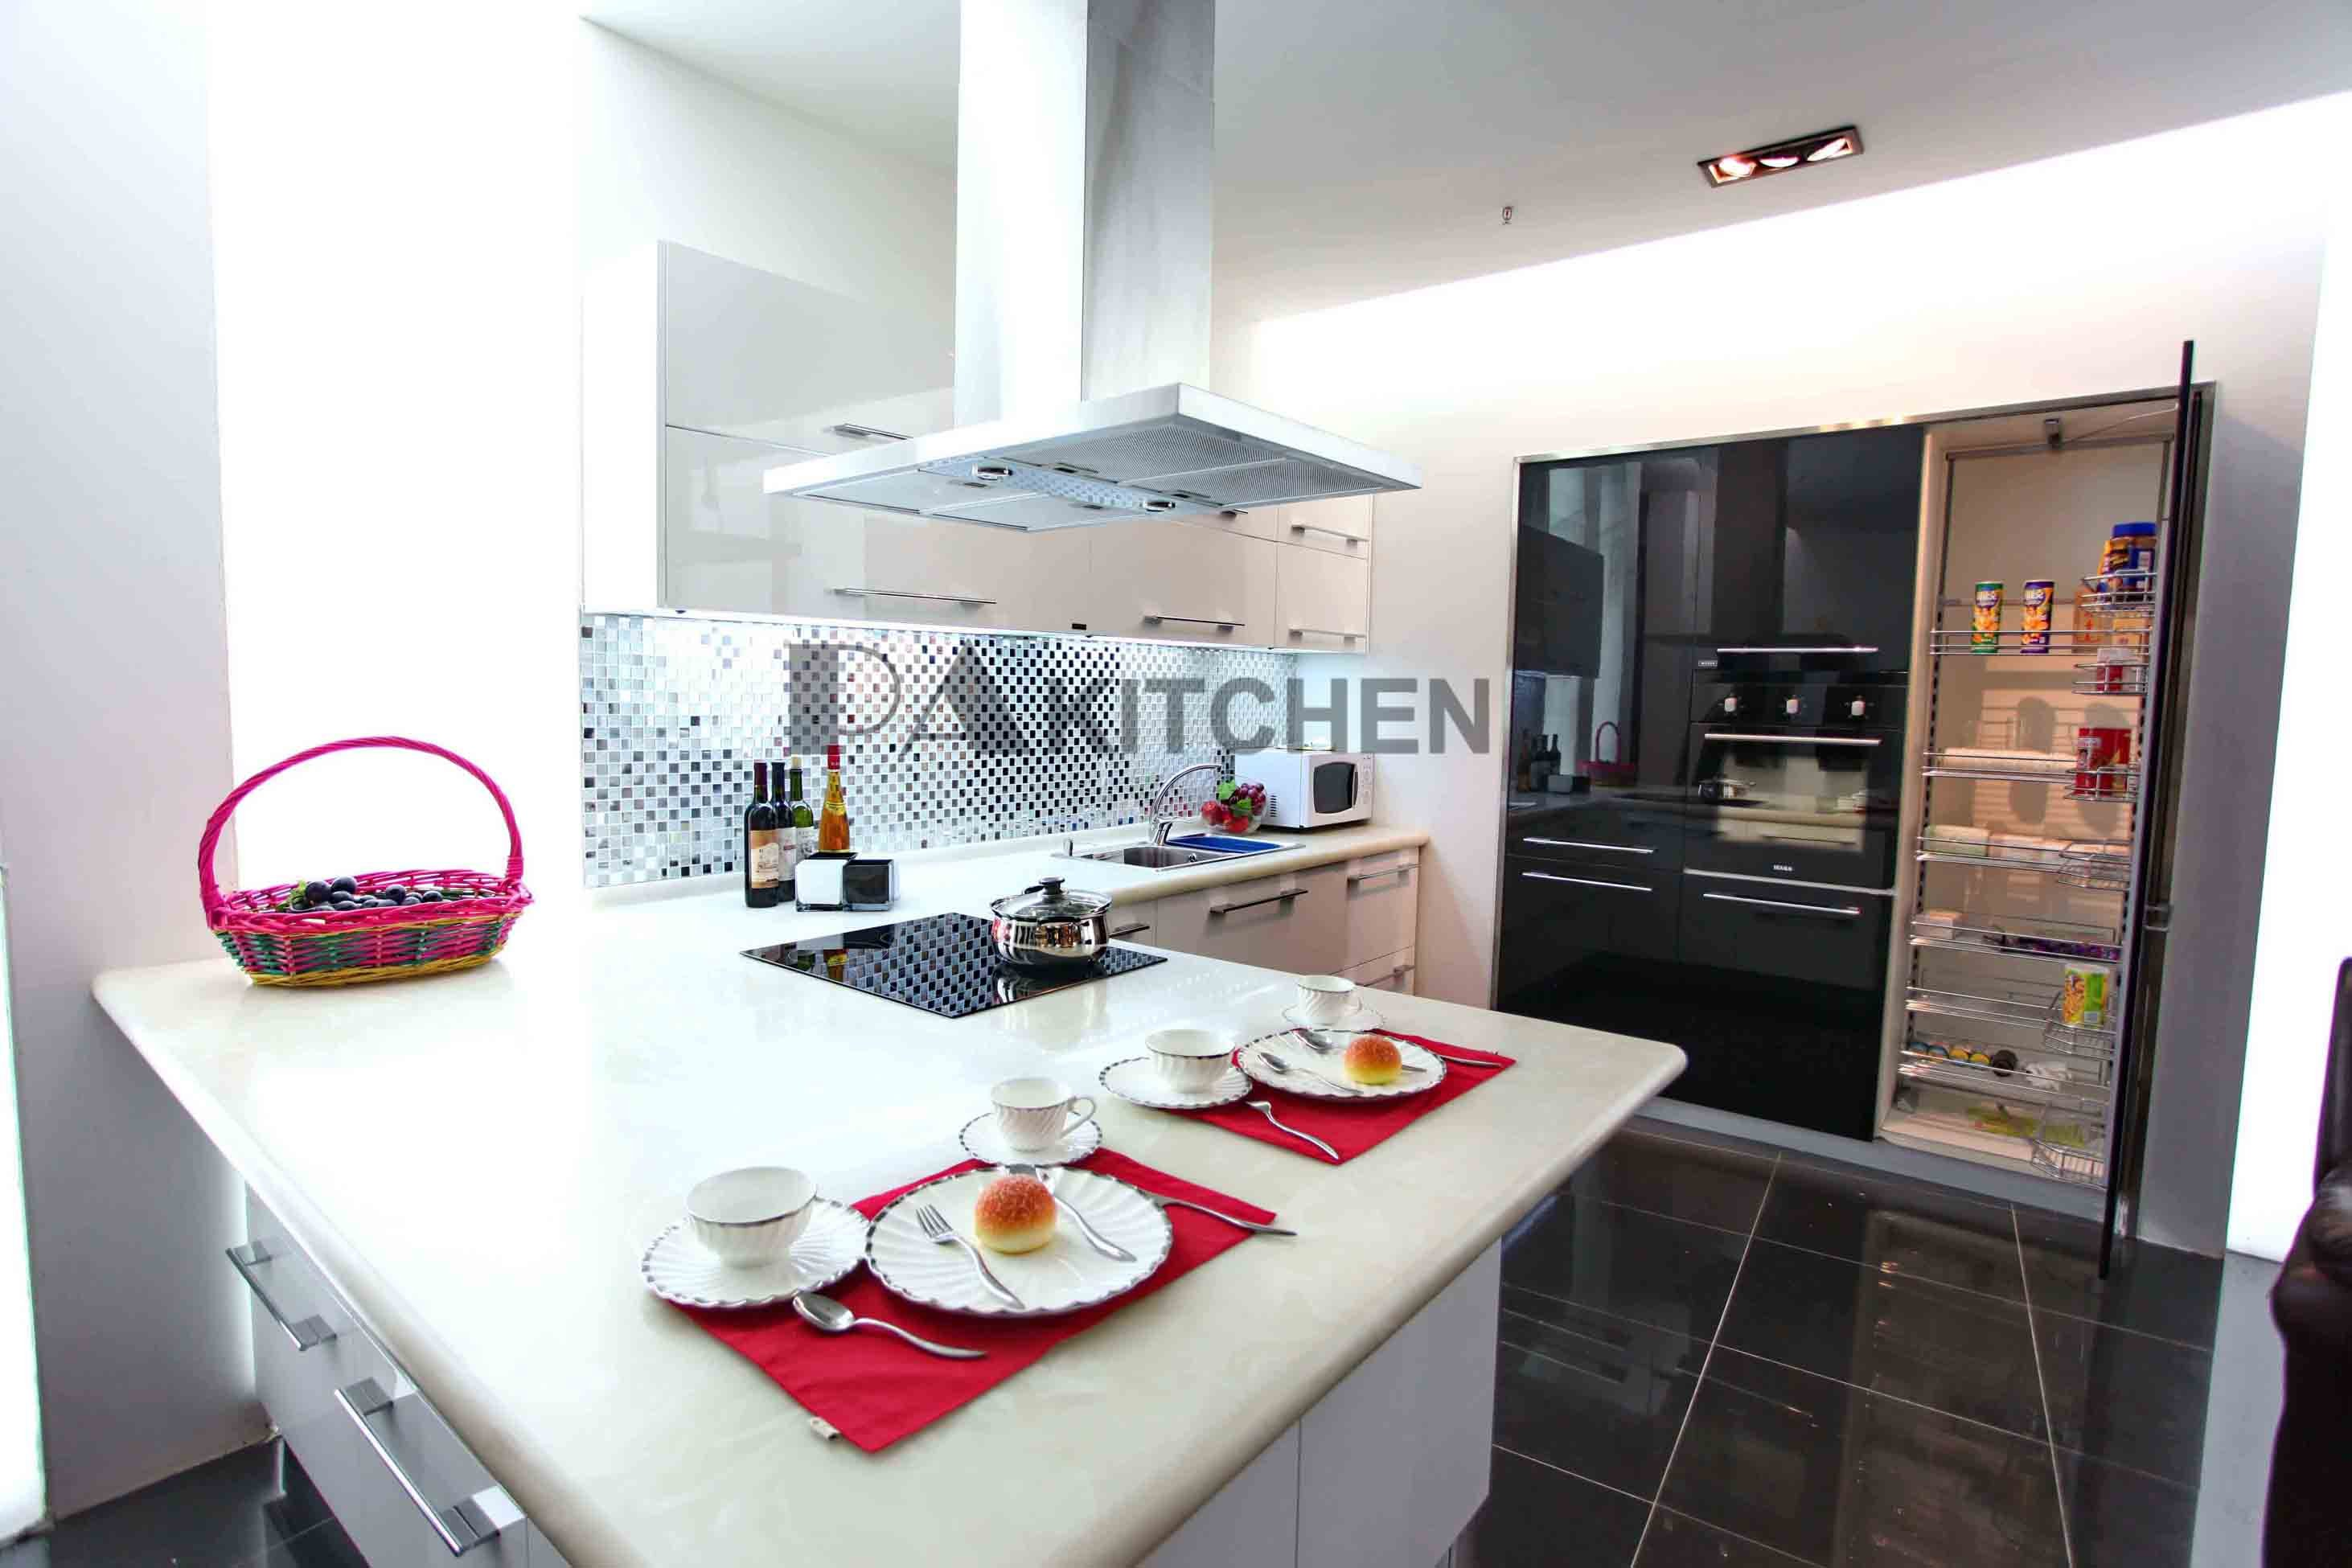 Oferta stylish vários armários de cozinha em Armários de Cozinha de  #B31834 2925 1950